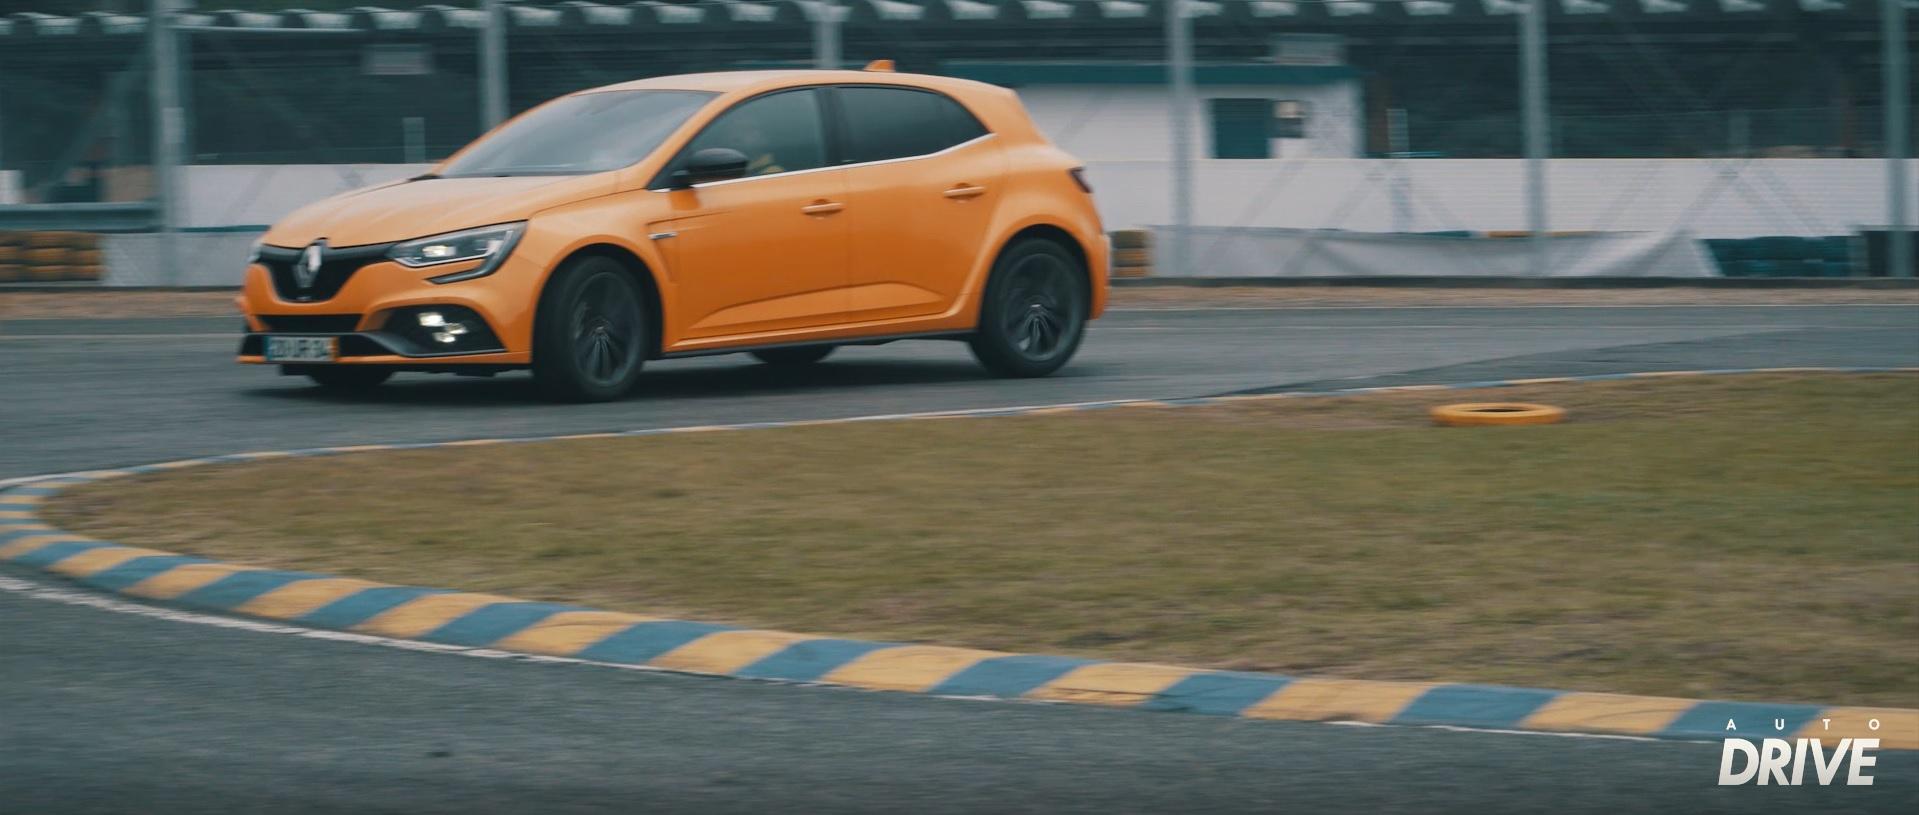 Pusemos à prova o sistema de rodas direcionais ativas 4Control com o Renault Mégane RS em pista